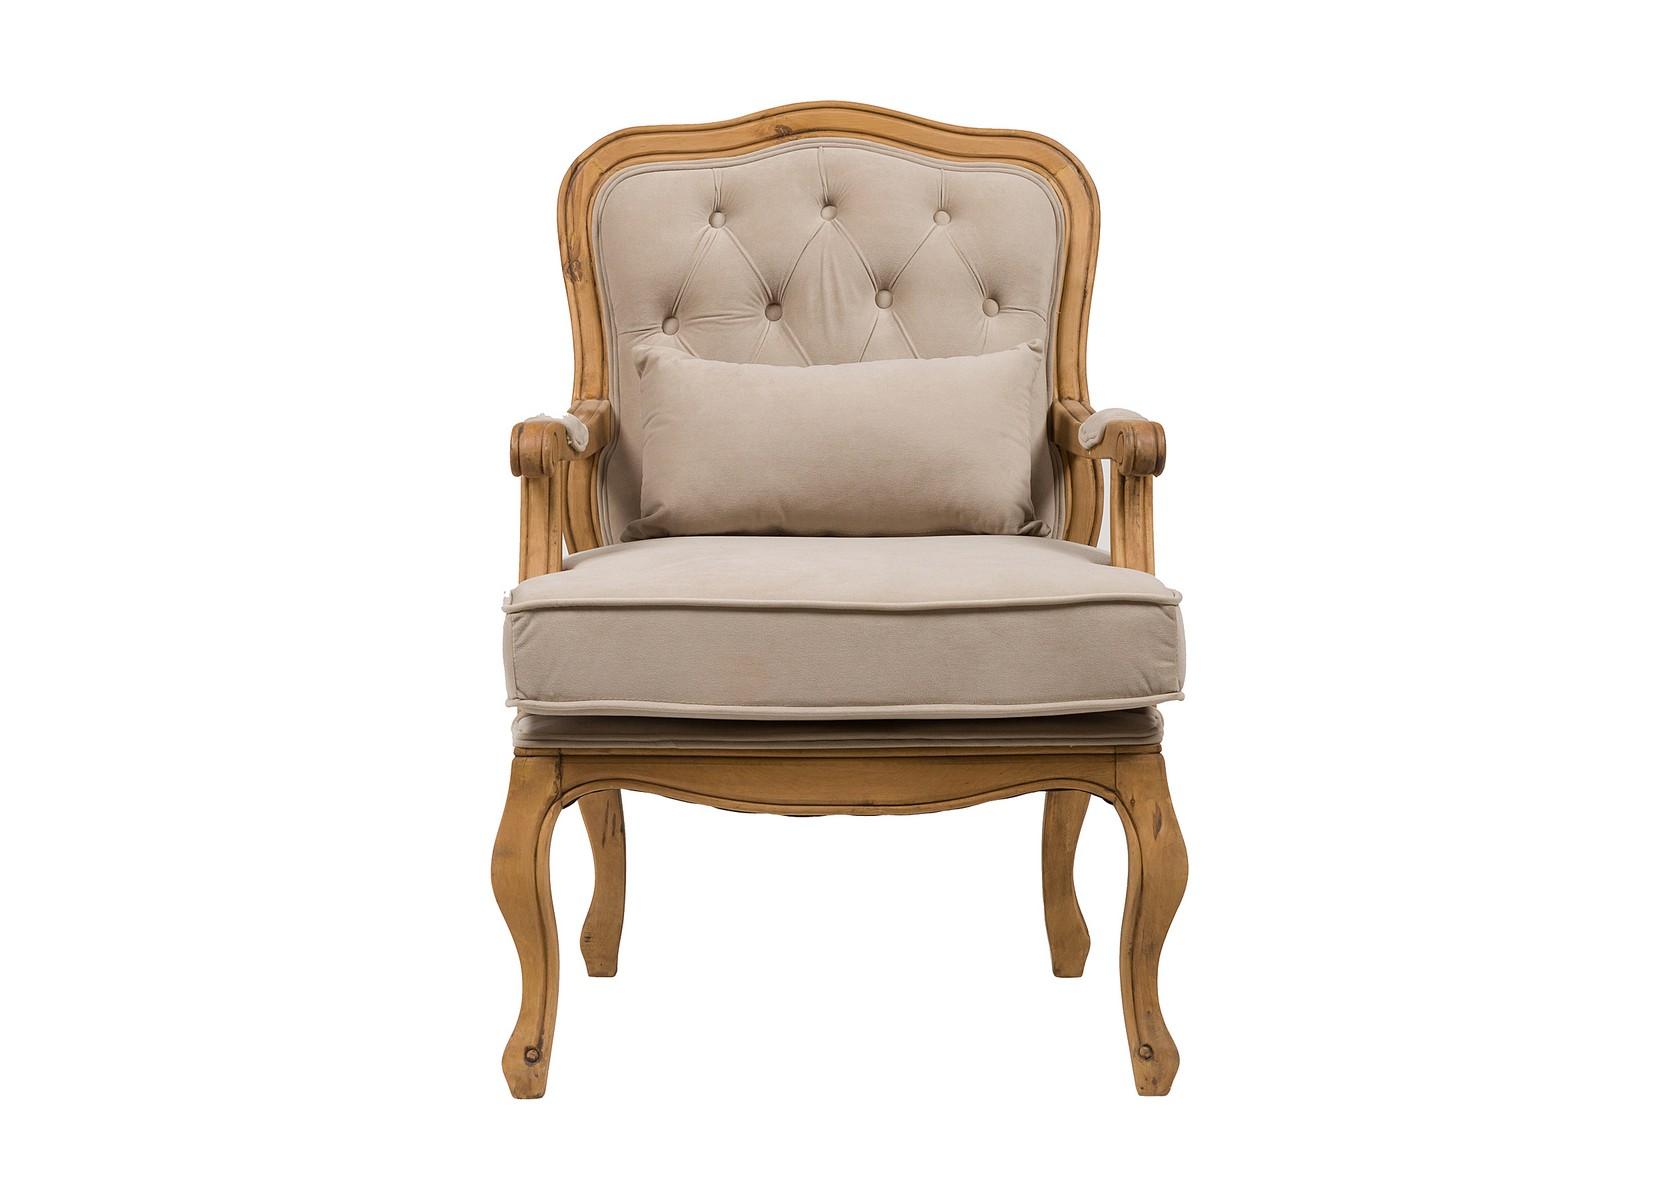 Кресло BelladonnaИнтерьерные кресла<br>Обивка из мягкого вельвета.<br><br>Material: Текстиль<br>Width см: 68<br>Depth см: 68<br>Height см: 95